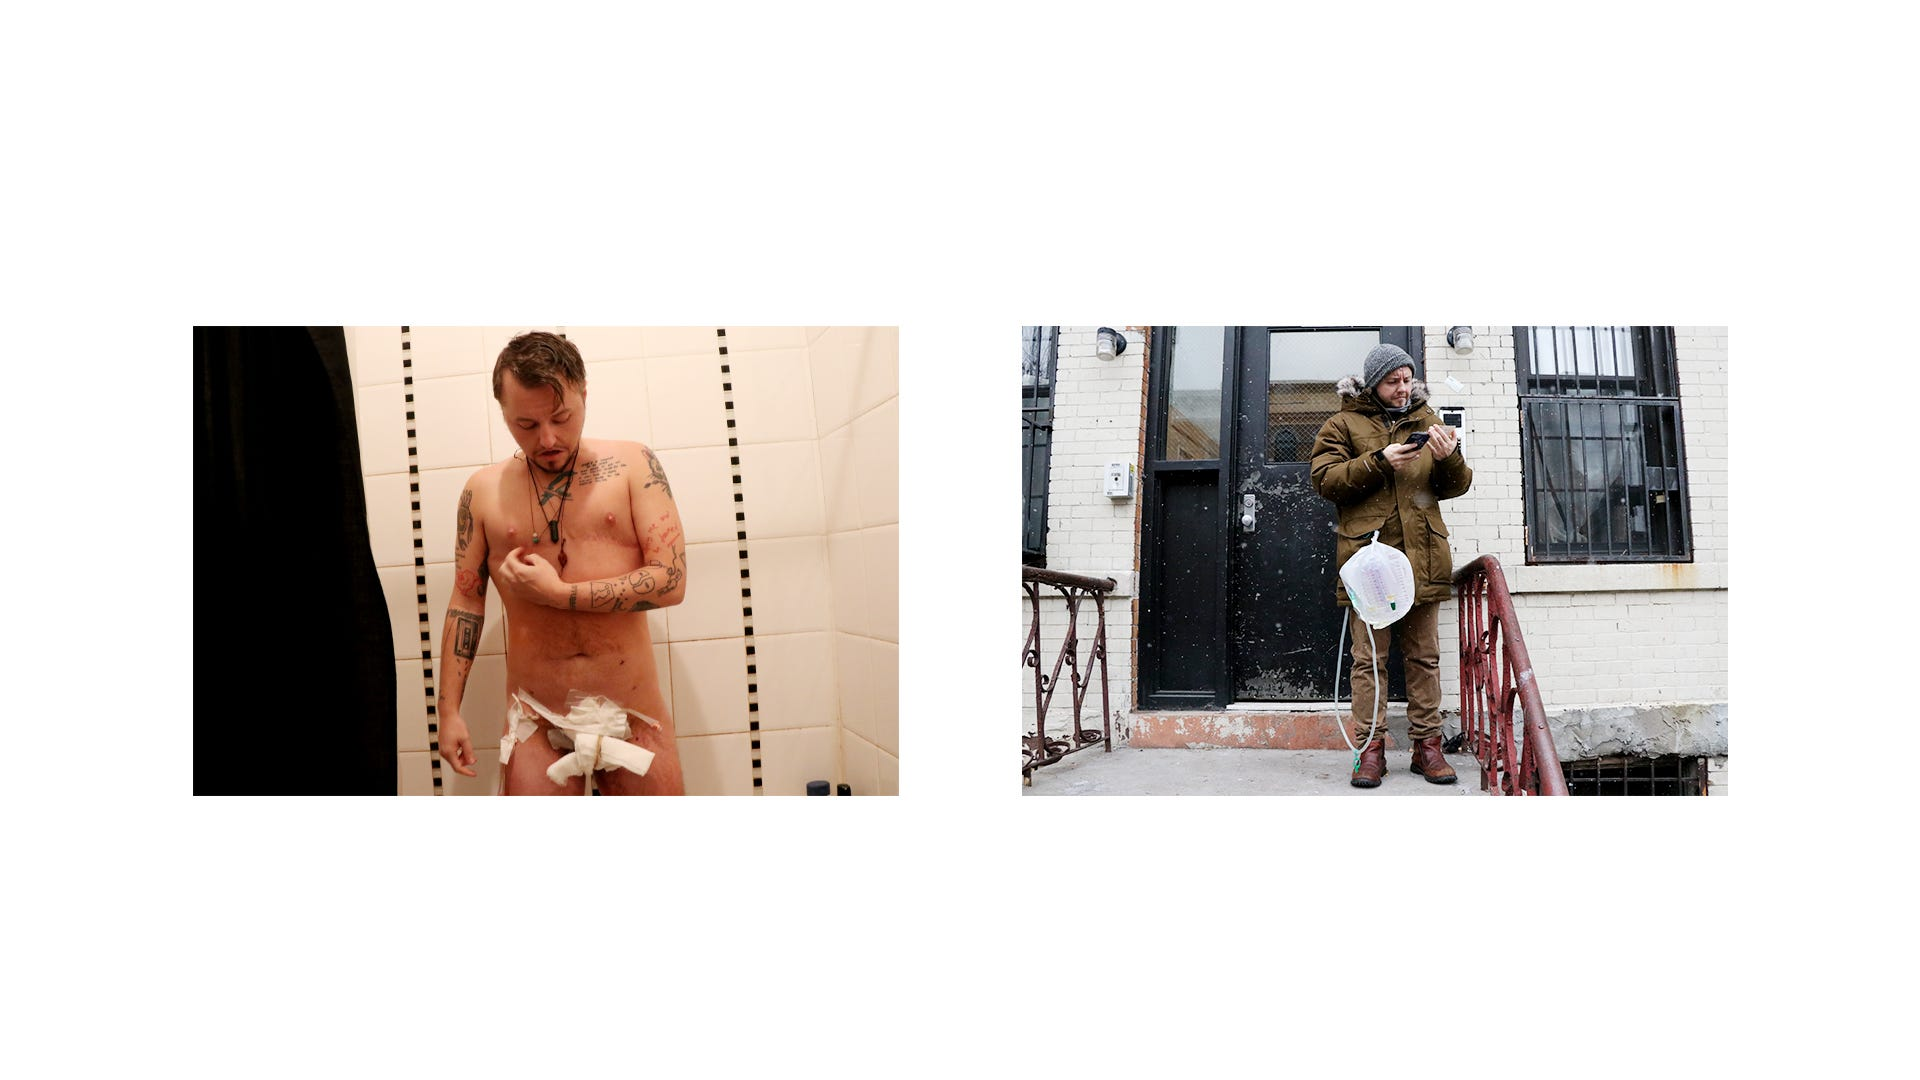 Big Hahn-Tranny tumblr